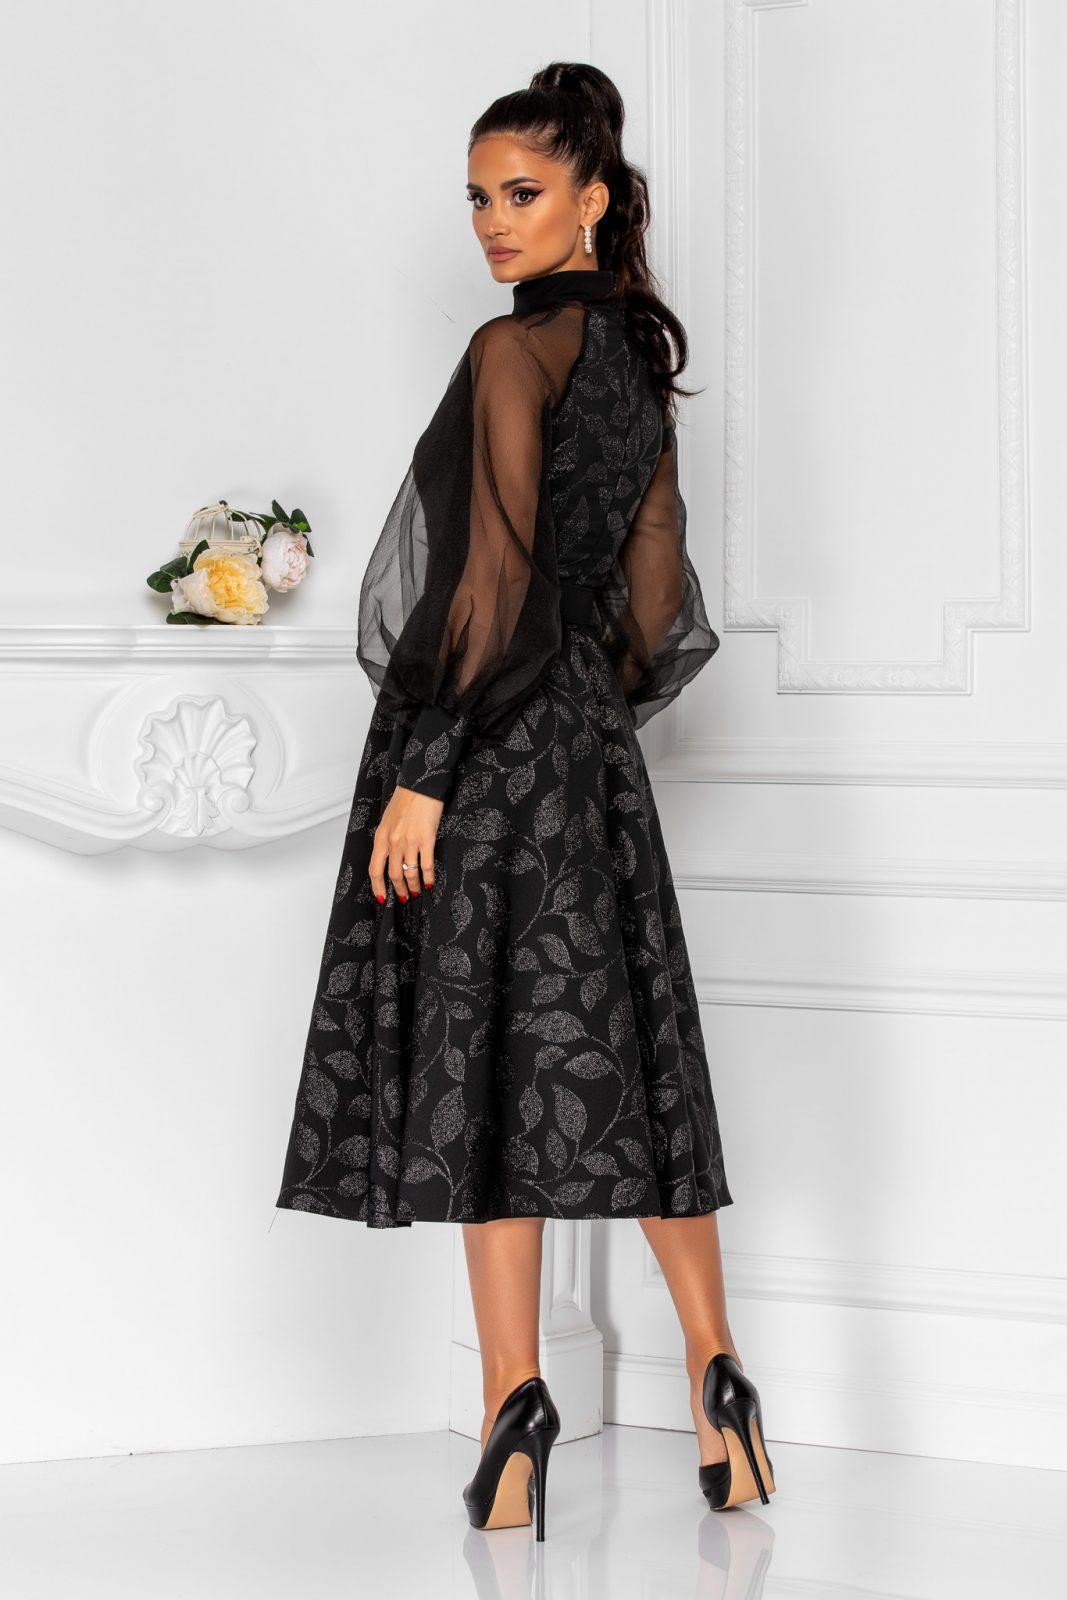 Μαύρο Φόρεμα Με Φουσκωτά Μανίκια Divya 8284 1